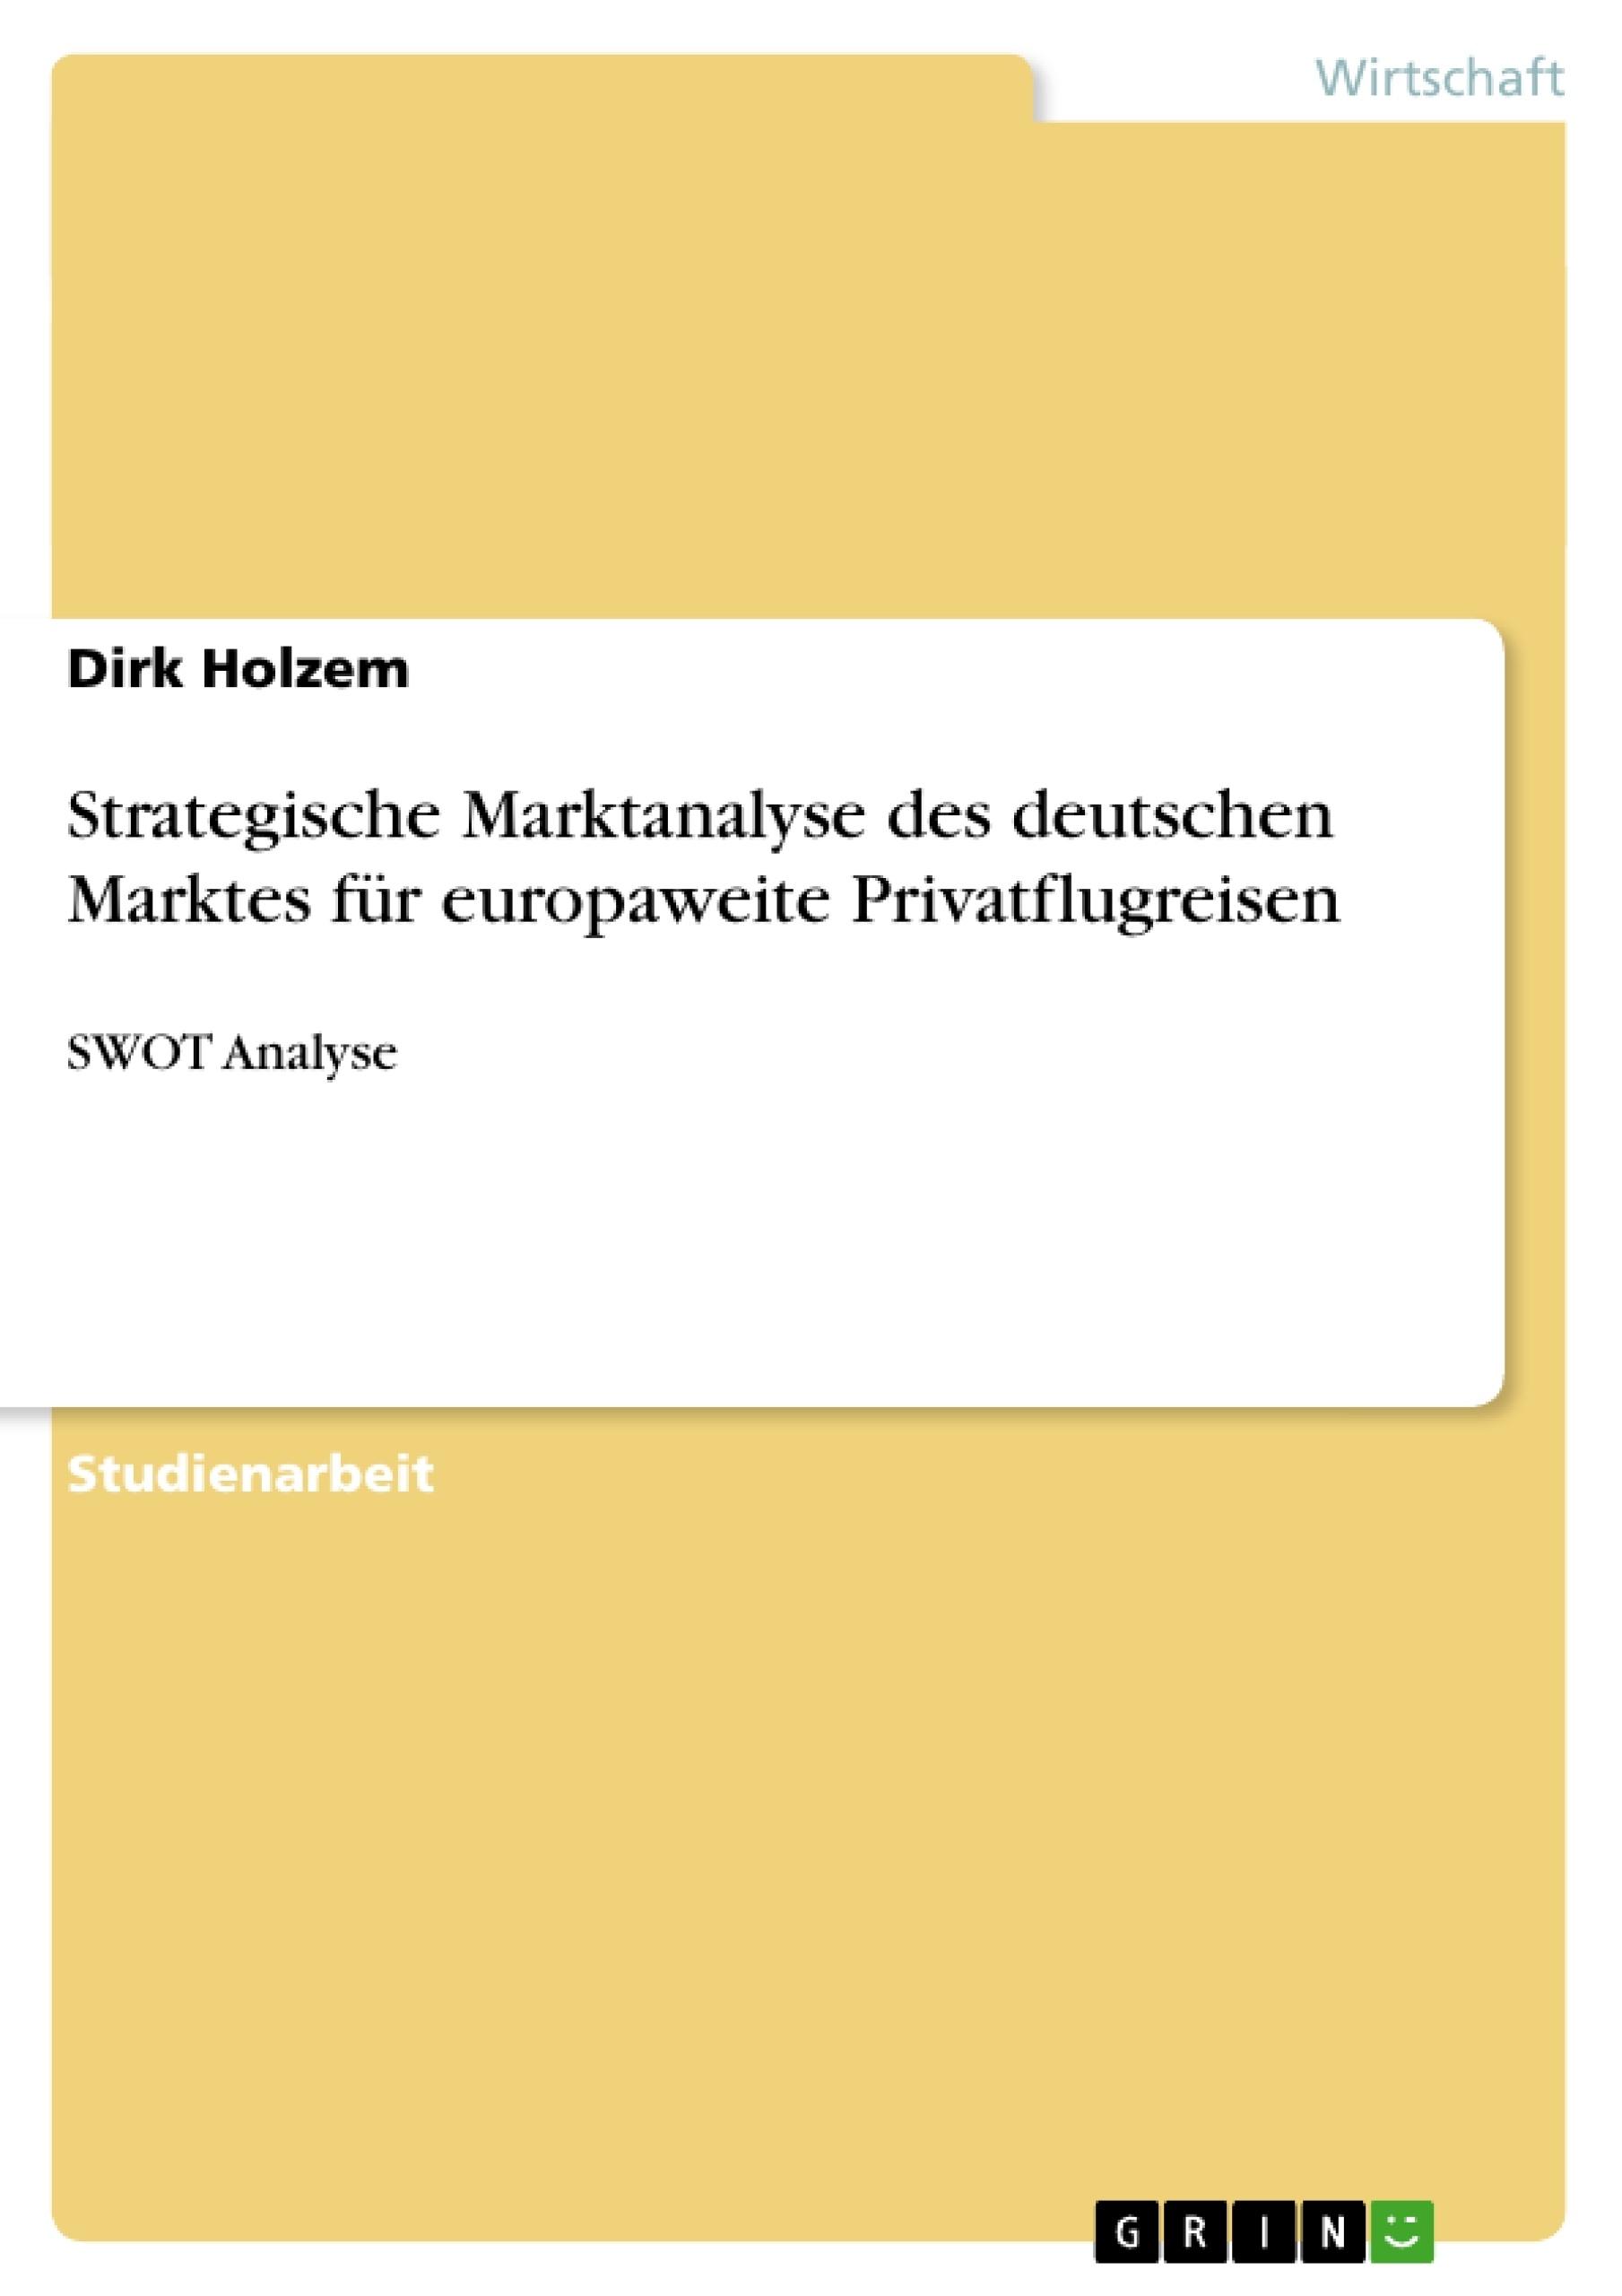 Strategische Marktanalyse des deutschen Marktes für europaweite ...